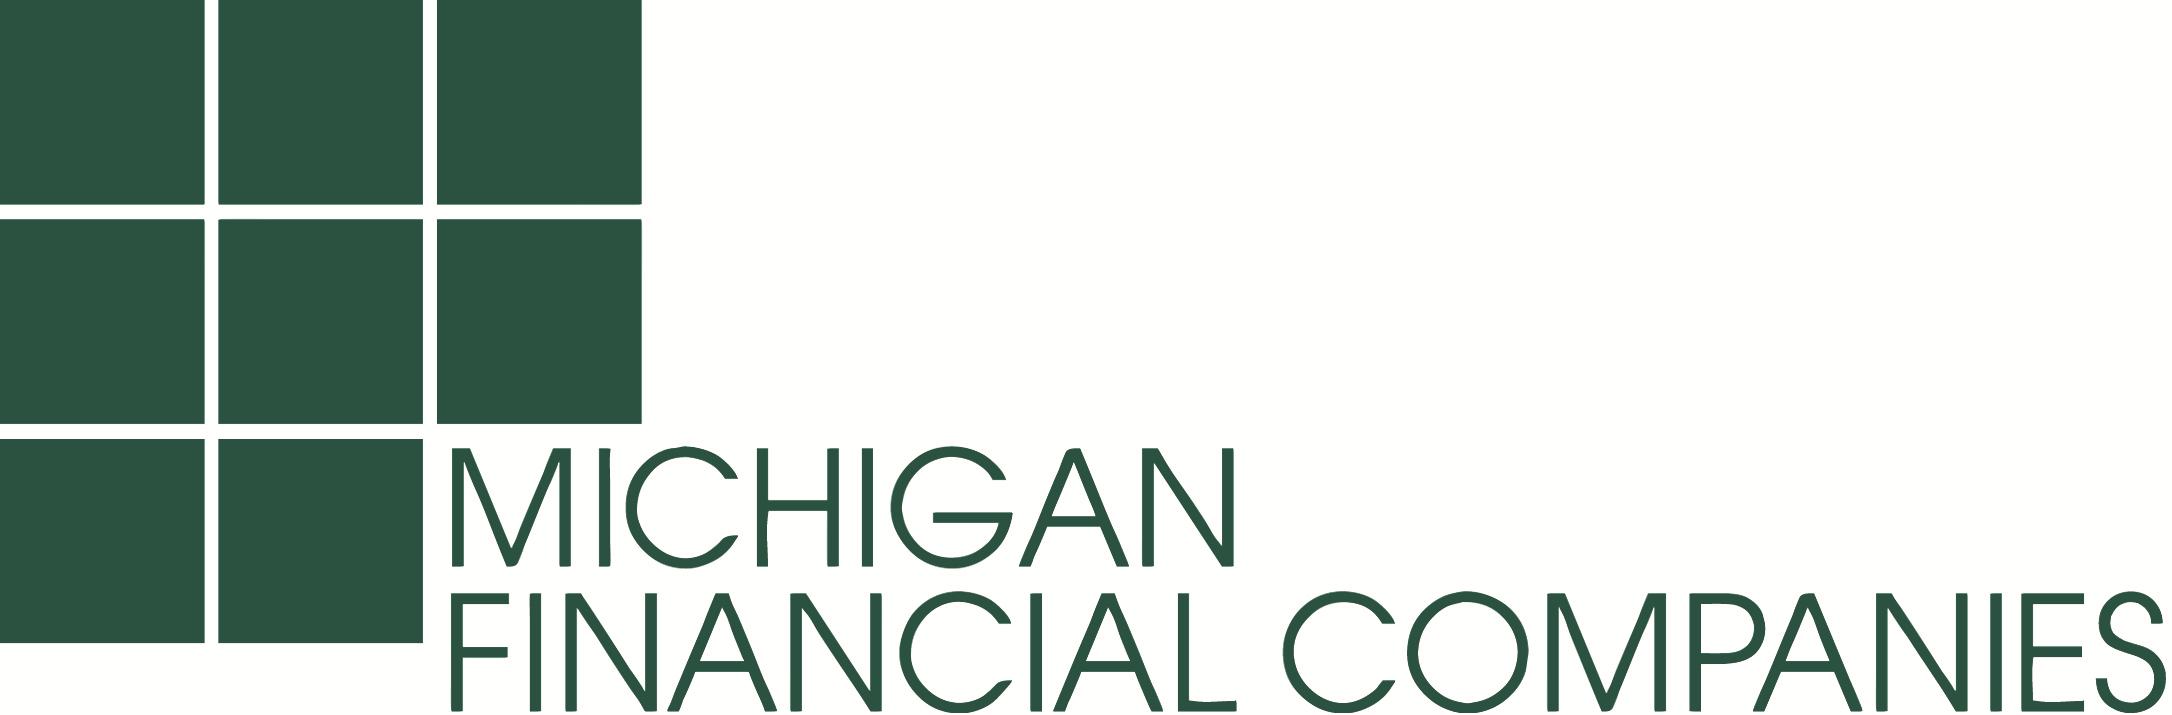 Michigan Financial Companies, Inc. logo